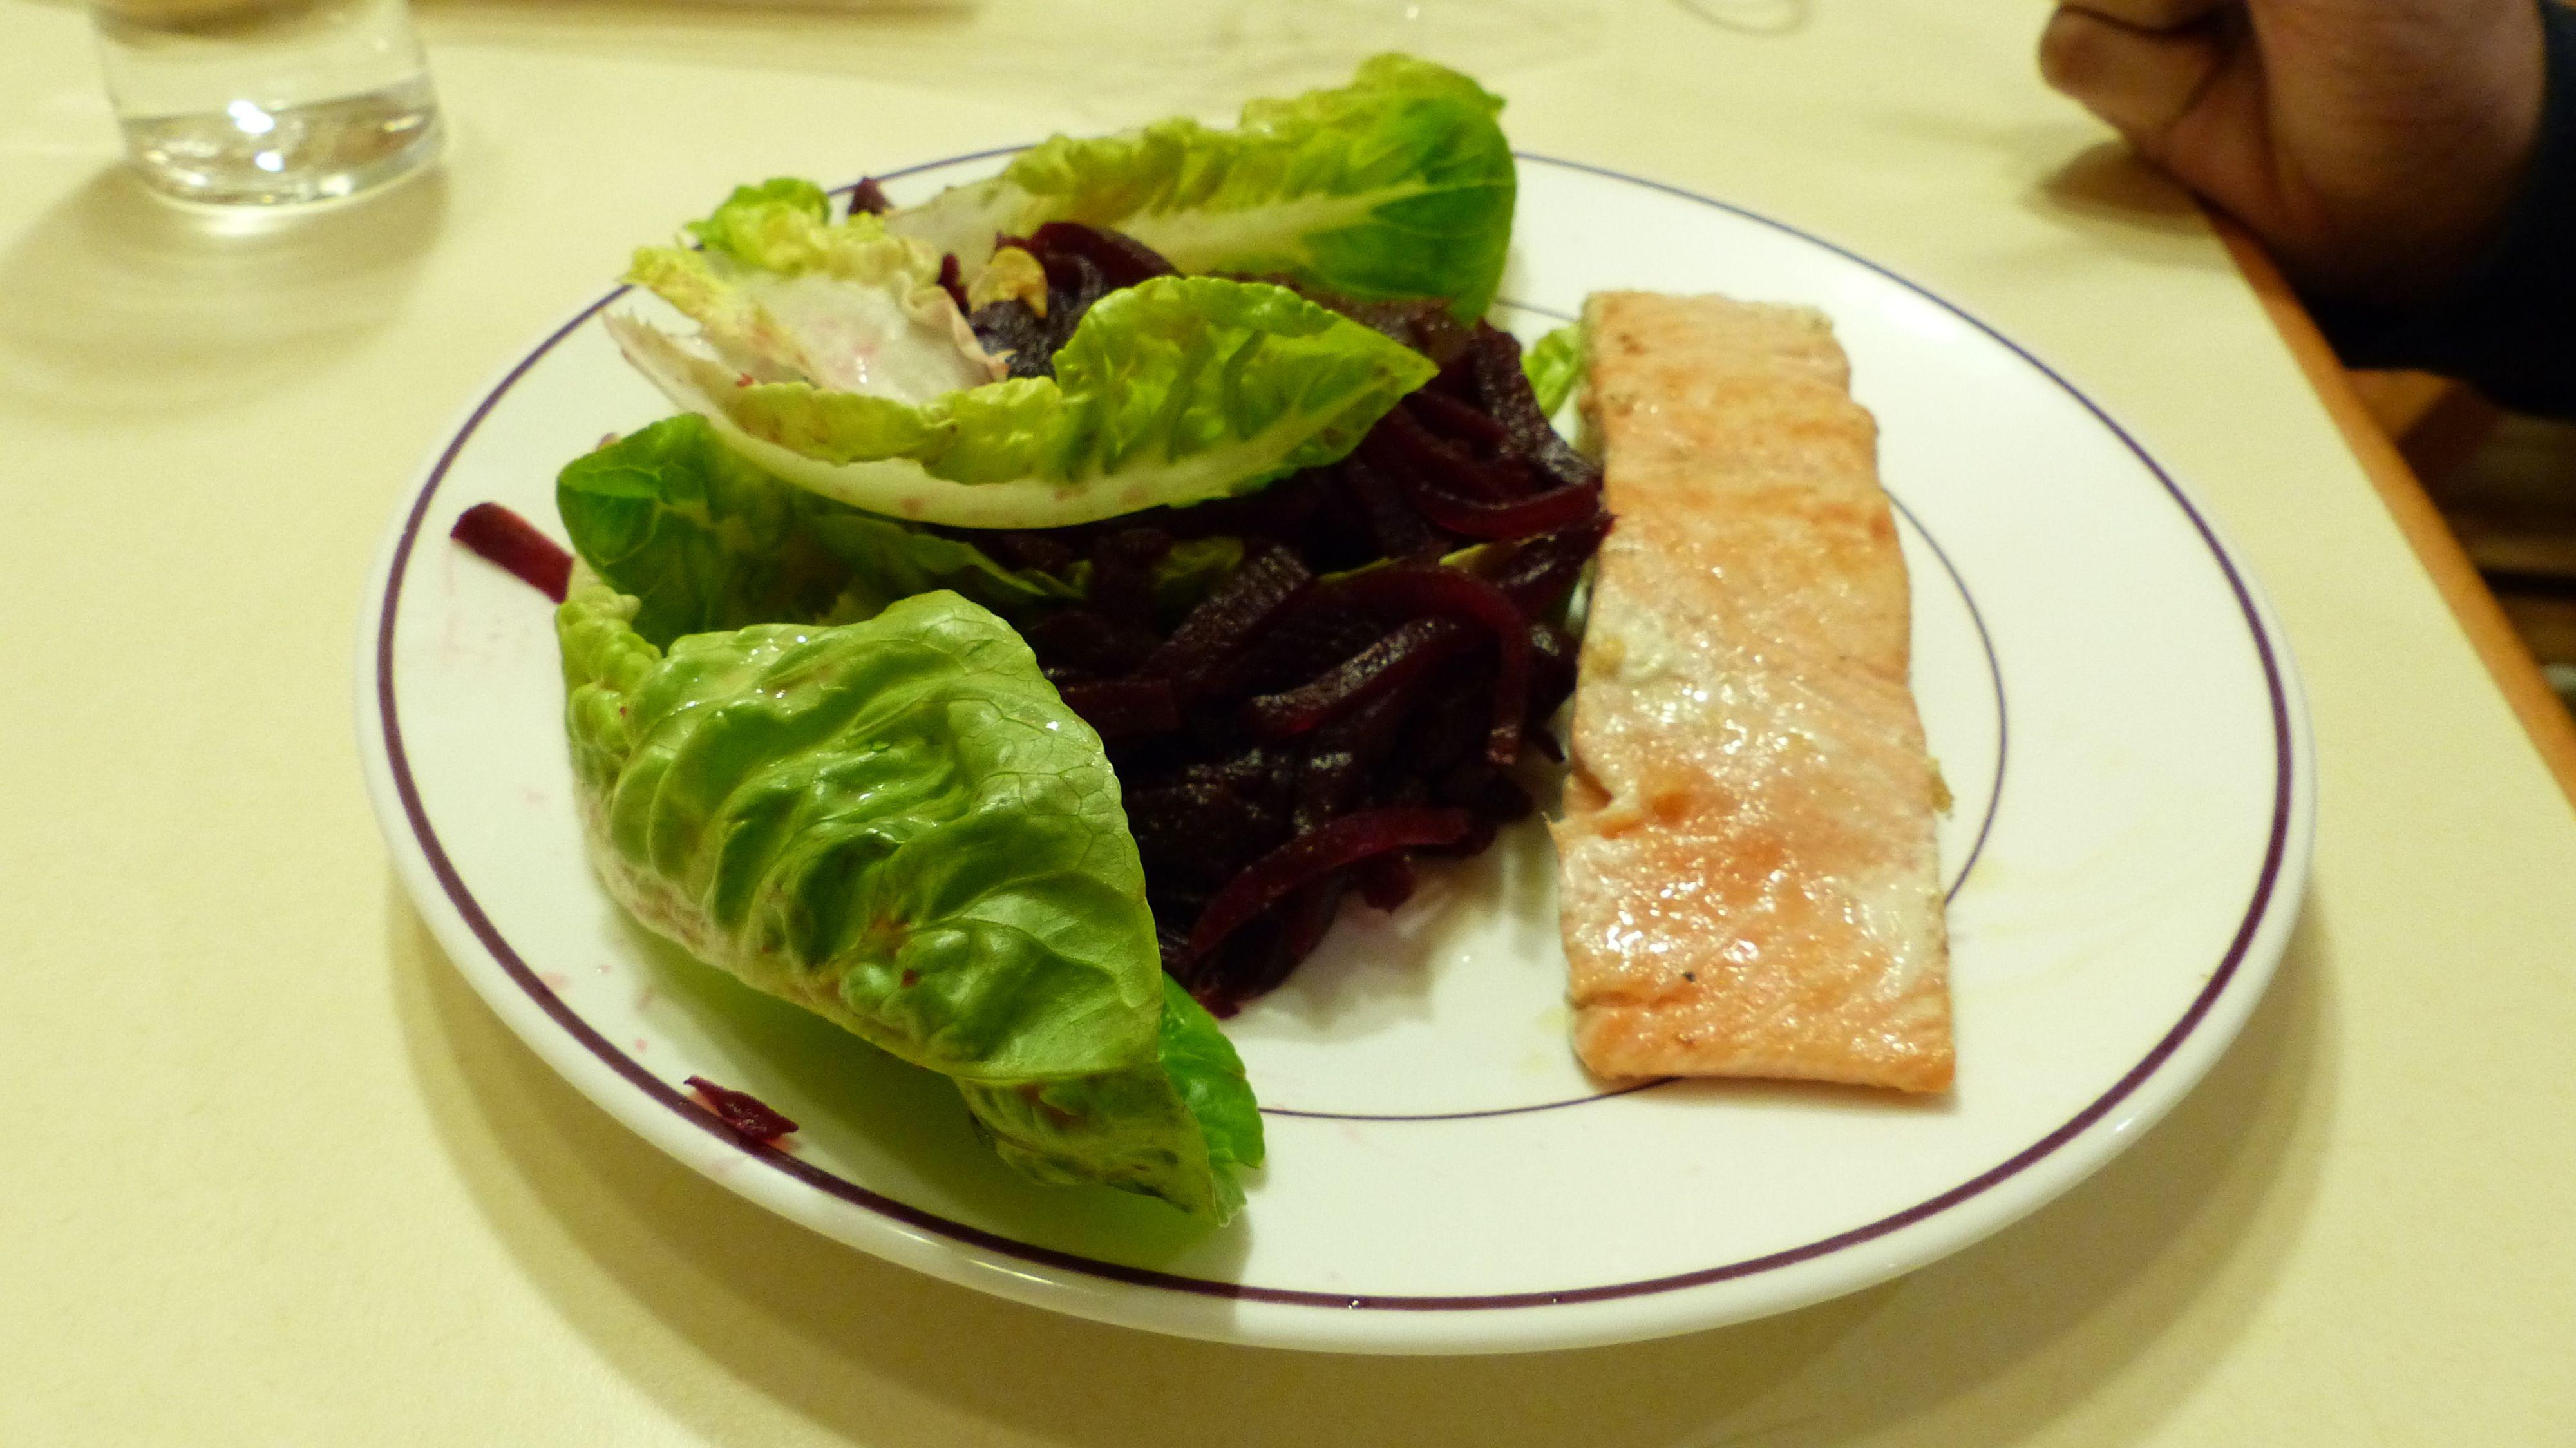 Teste de recette (poisson + bettrave)